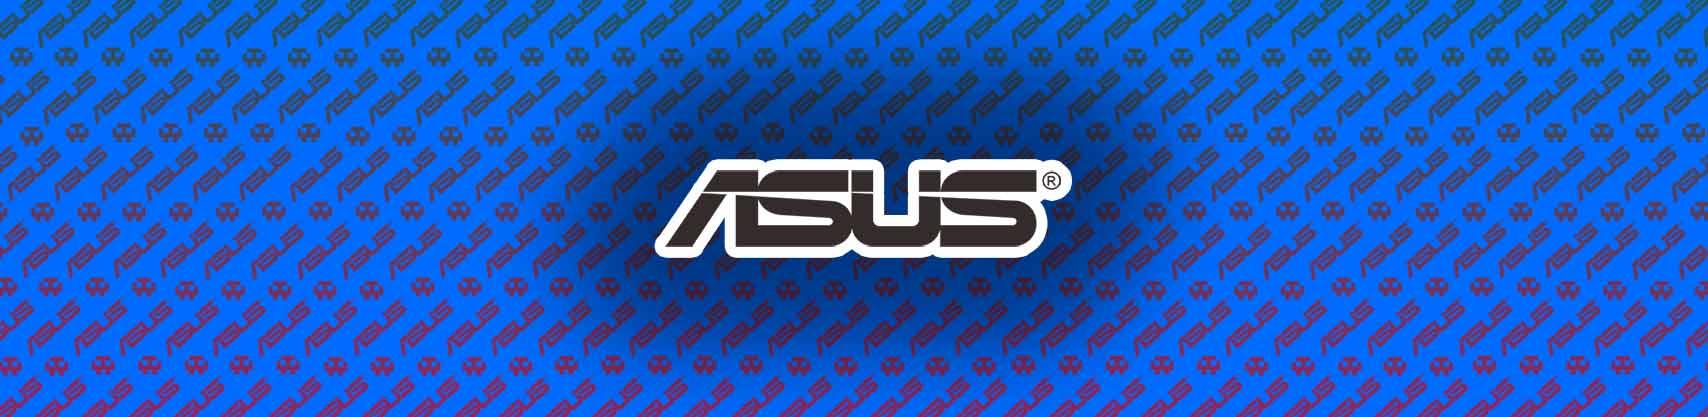 Asus RT-AC3200 Manual